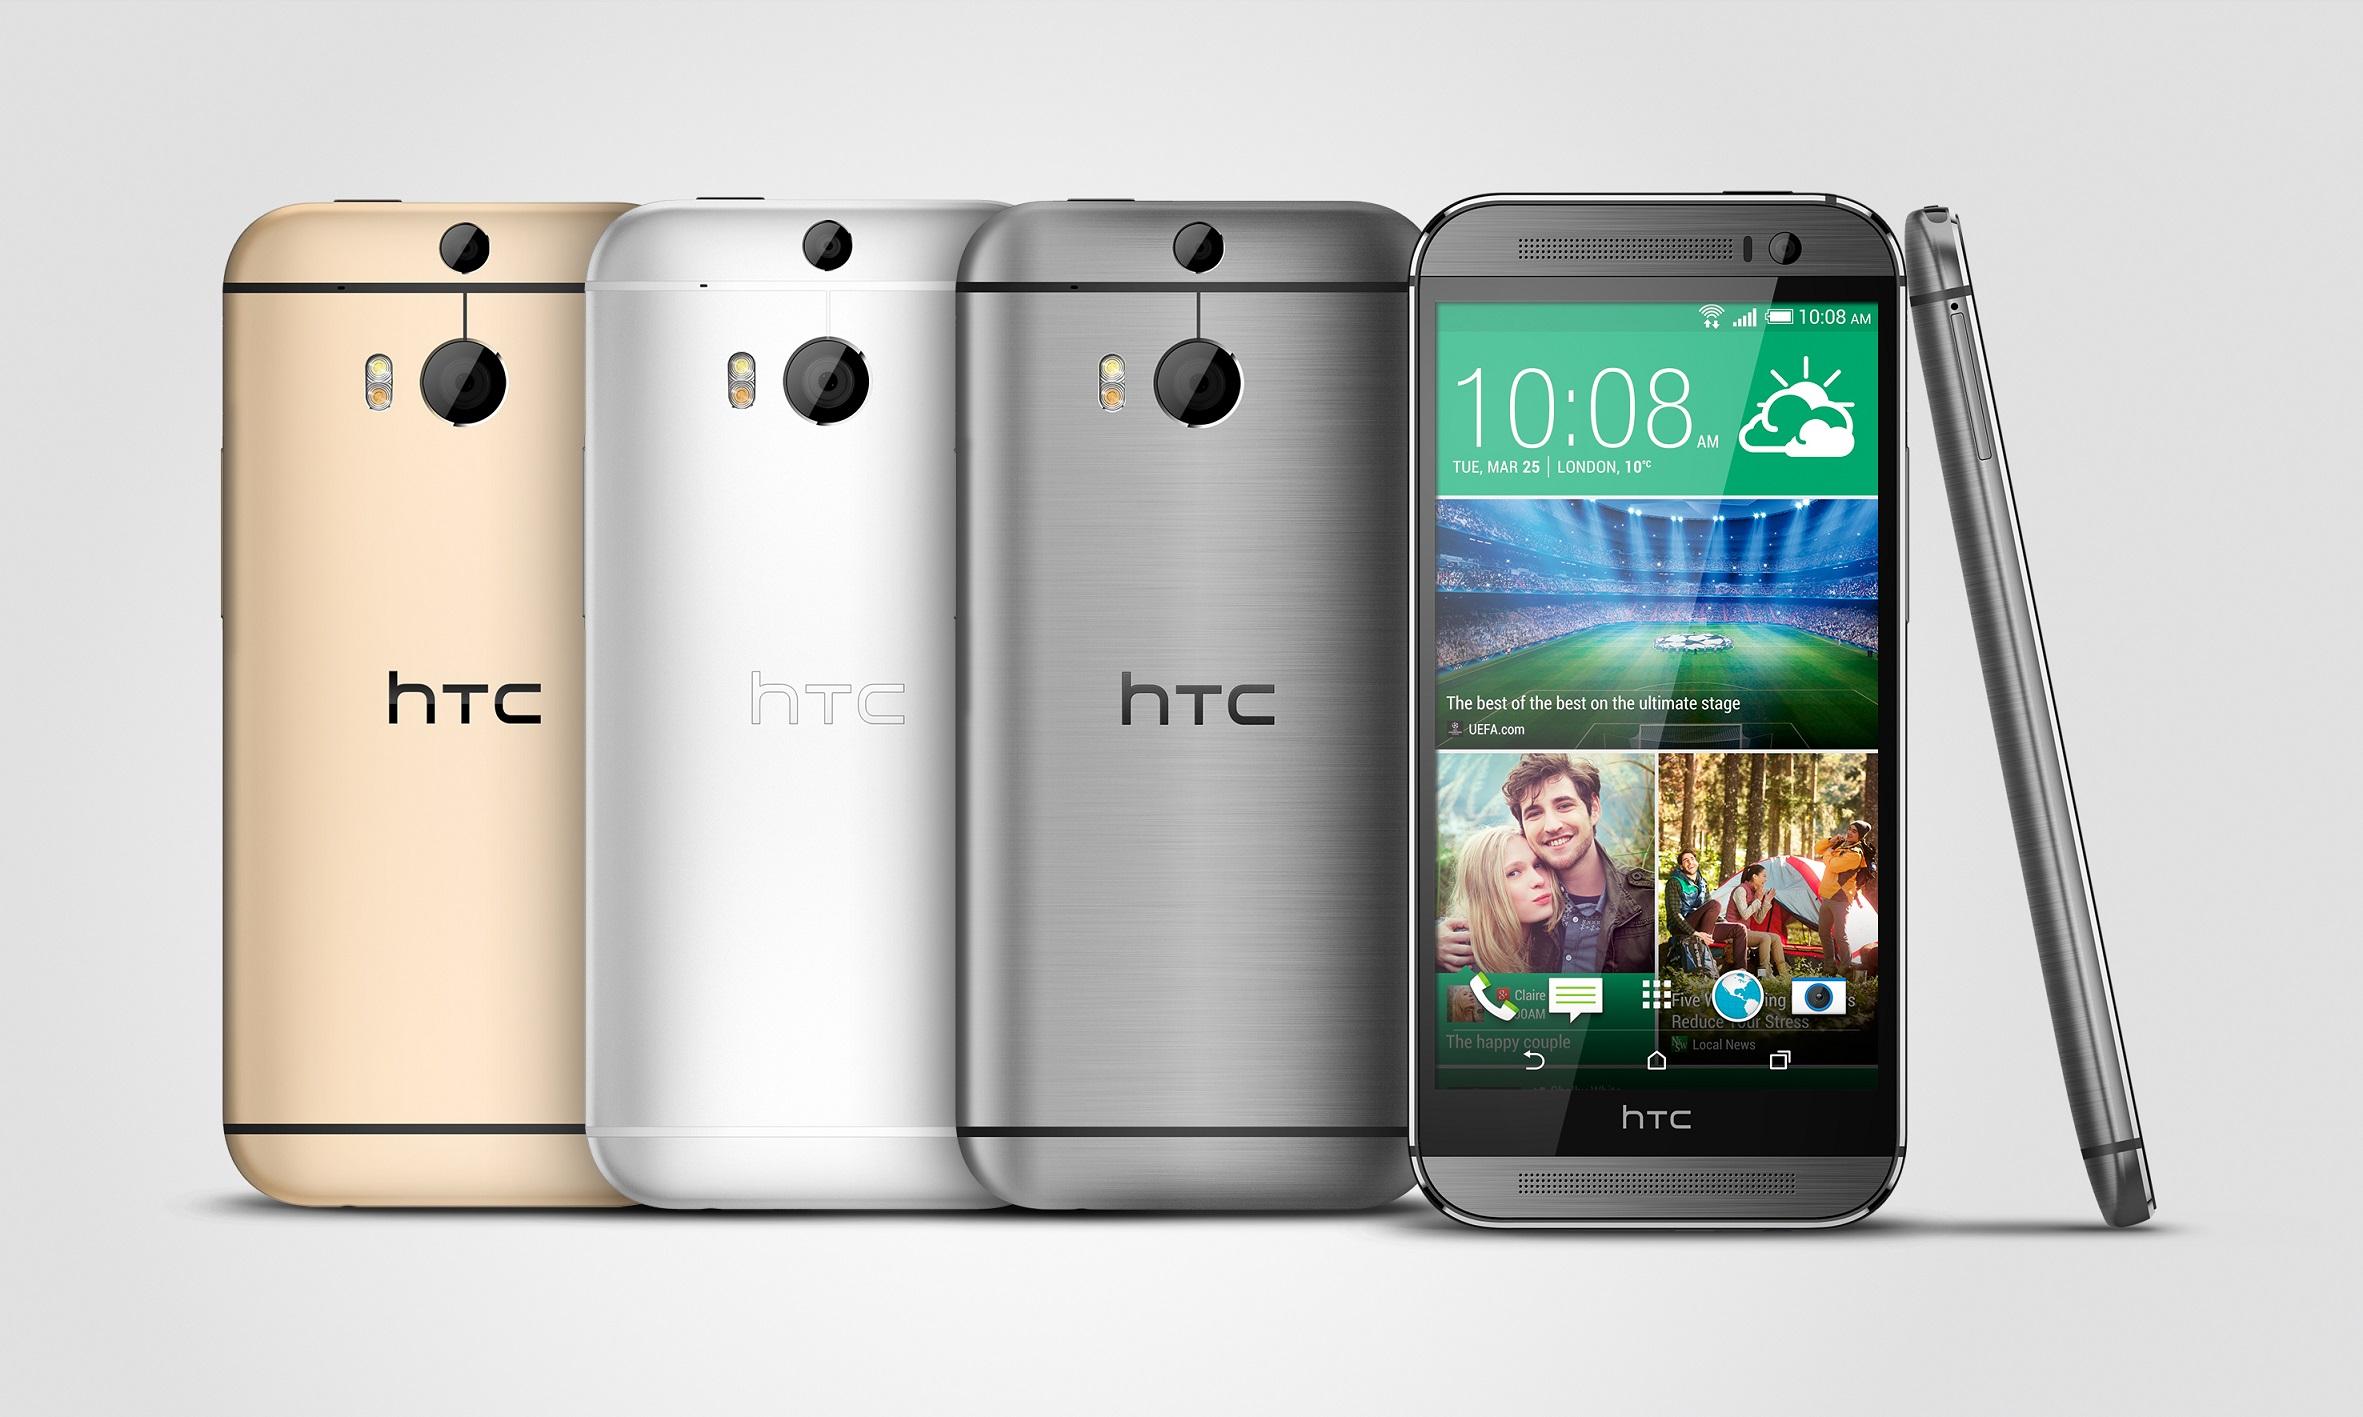 HTC One M8 Dual SIM - 16GB Mobile Phone